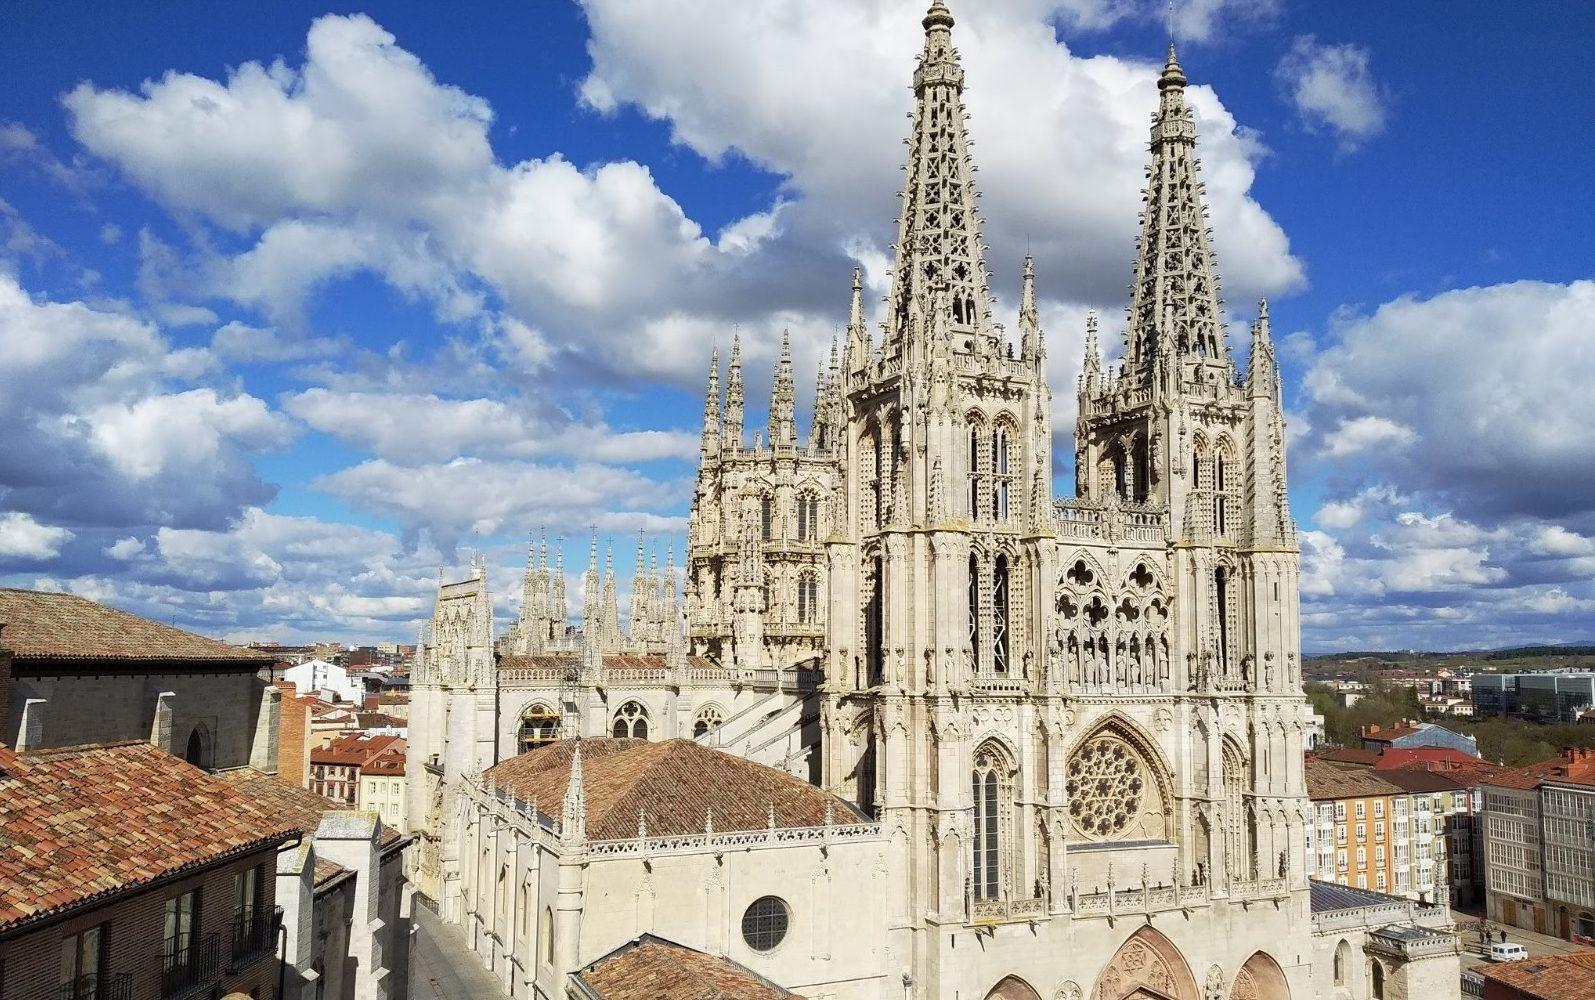 La catedral de burgos se cierra al turismo durante el confinamiento